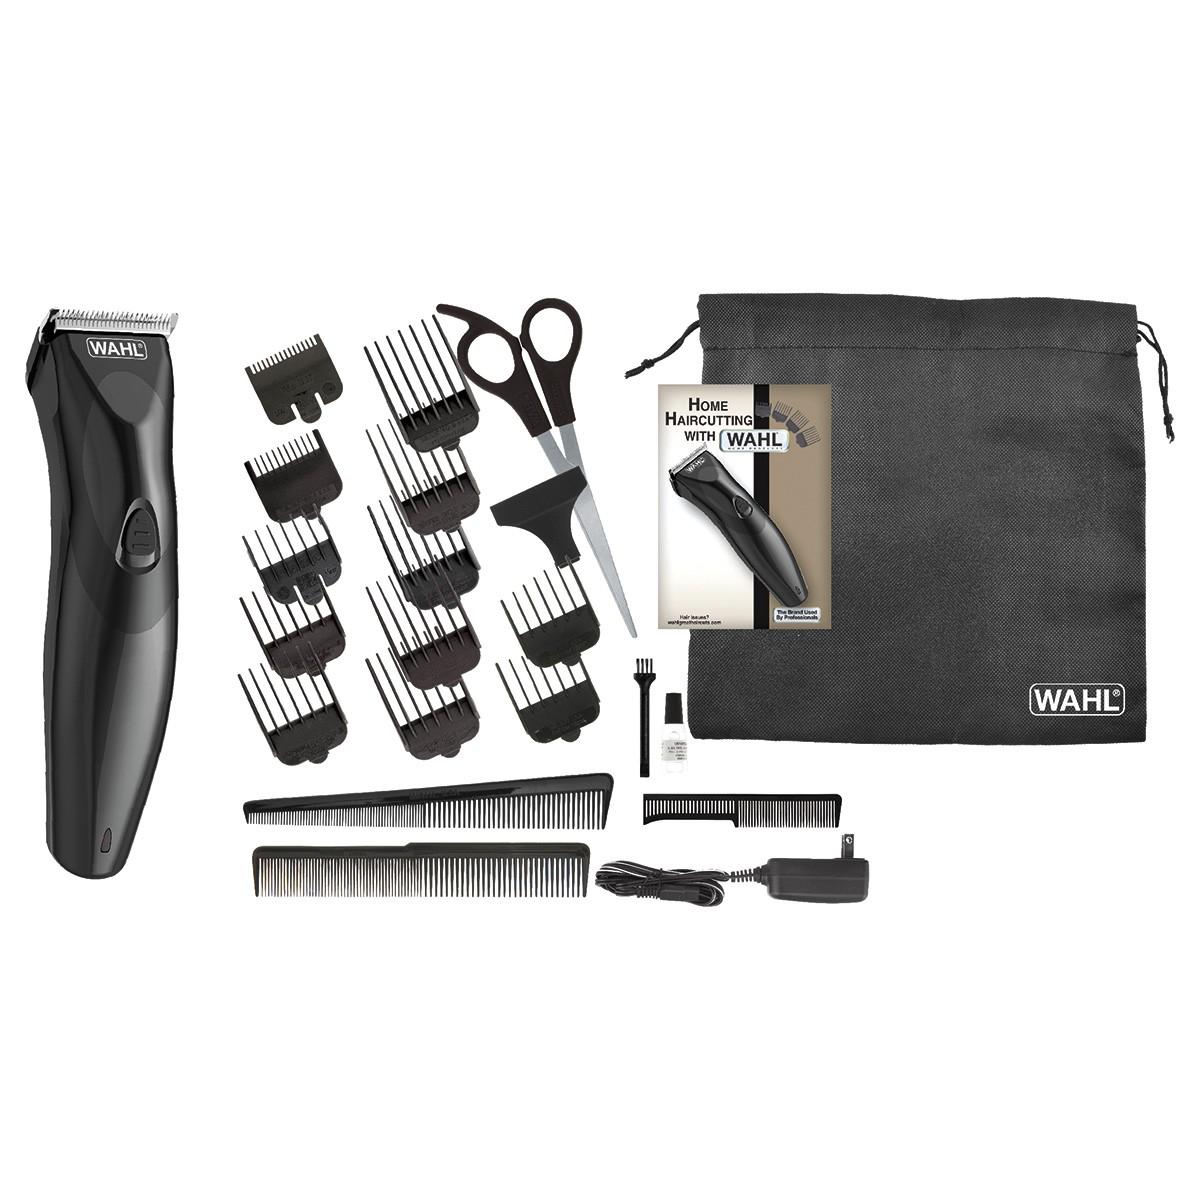 Aparador de Cabelo e Barba Wahl Haircut & Beard Bivolt Máquina de Cortar Cabelo Bateria Recarregável